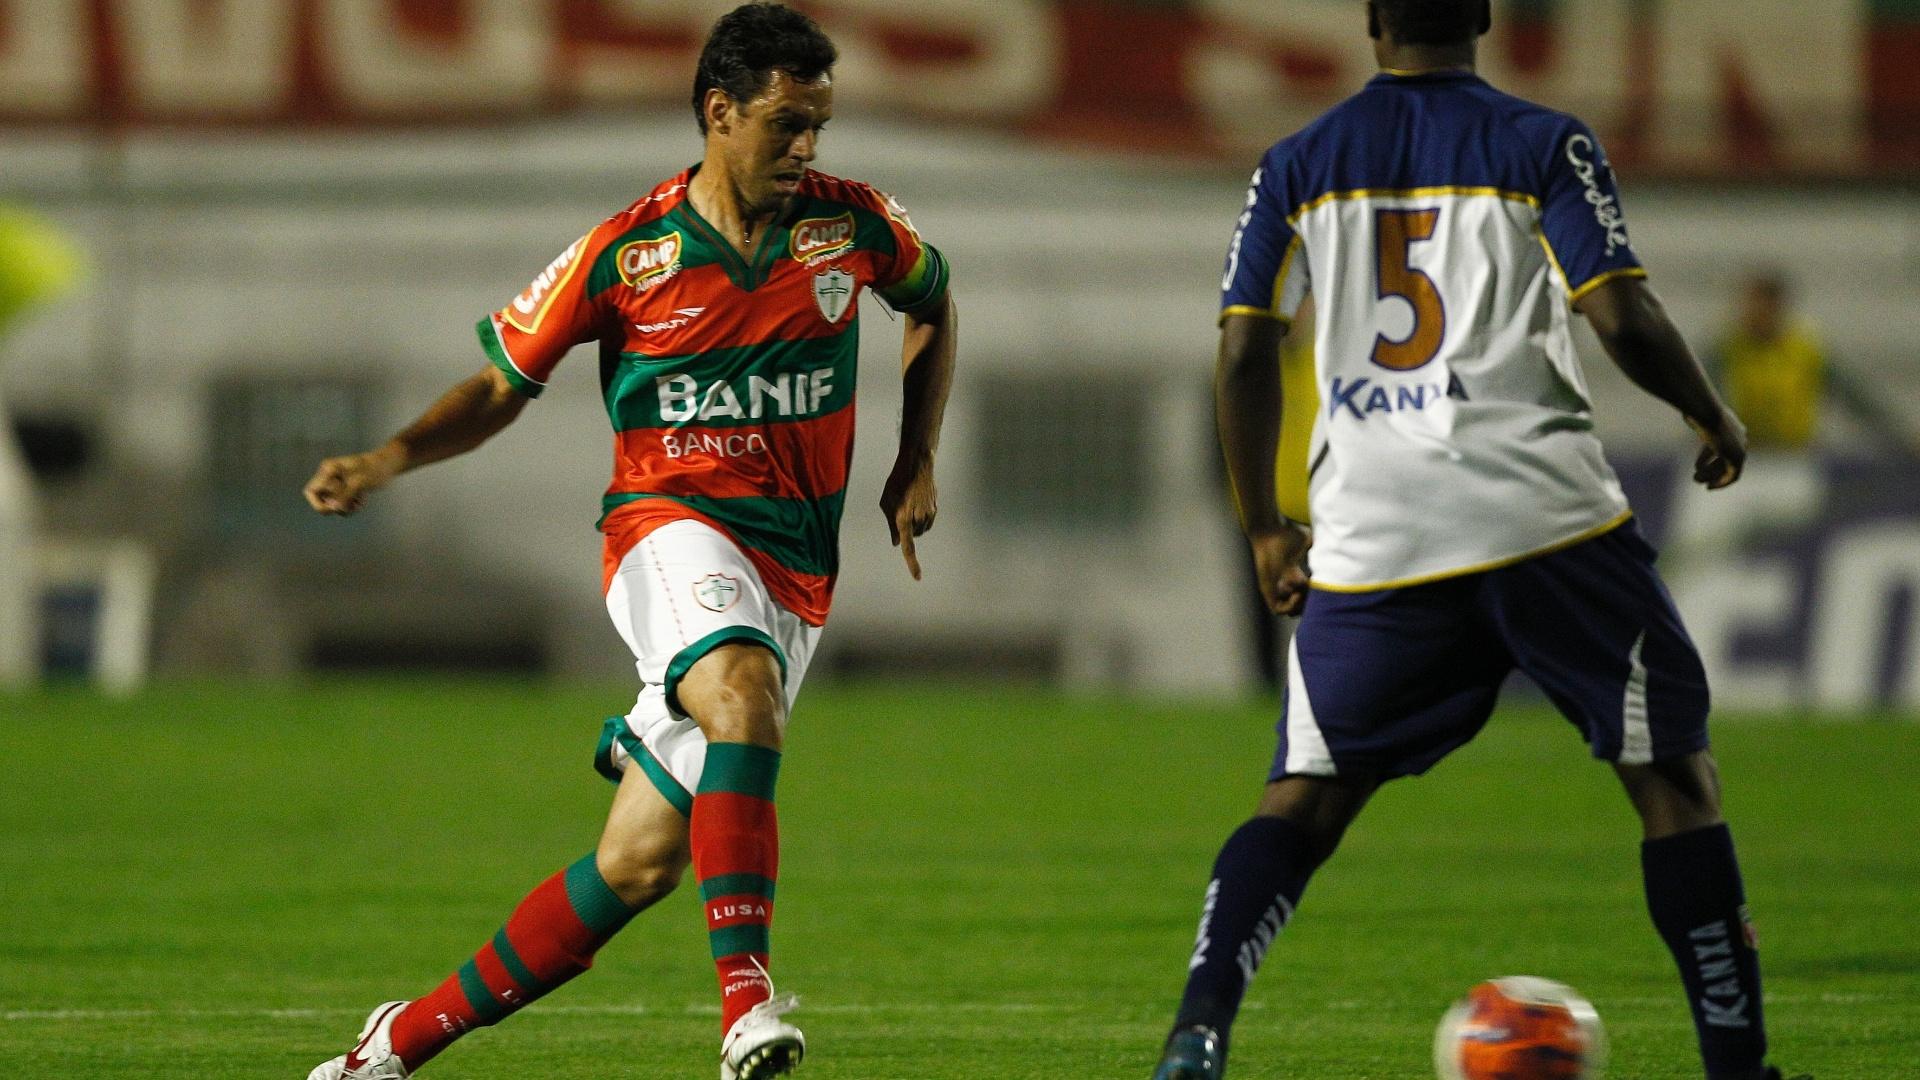 Marco Antônio carrega a bola pela Portuguesa no jogo contra o Americana (26/07/2011)